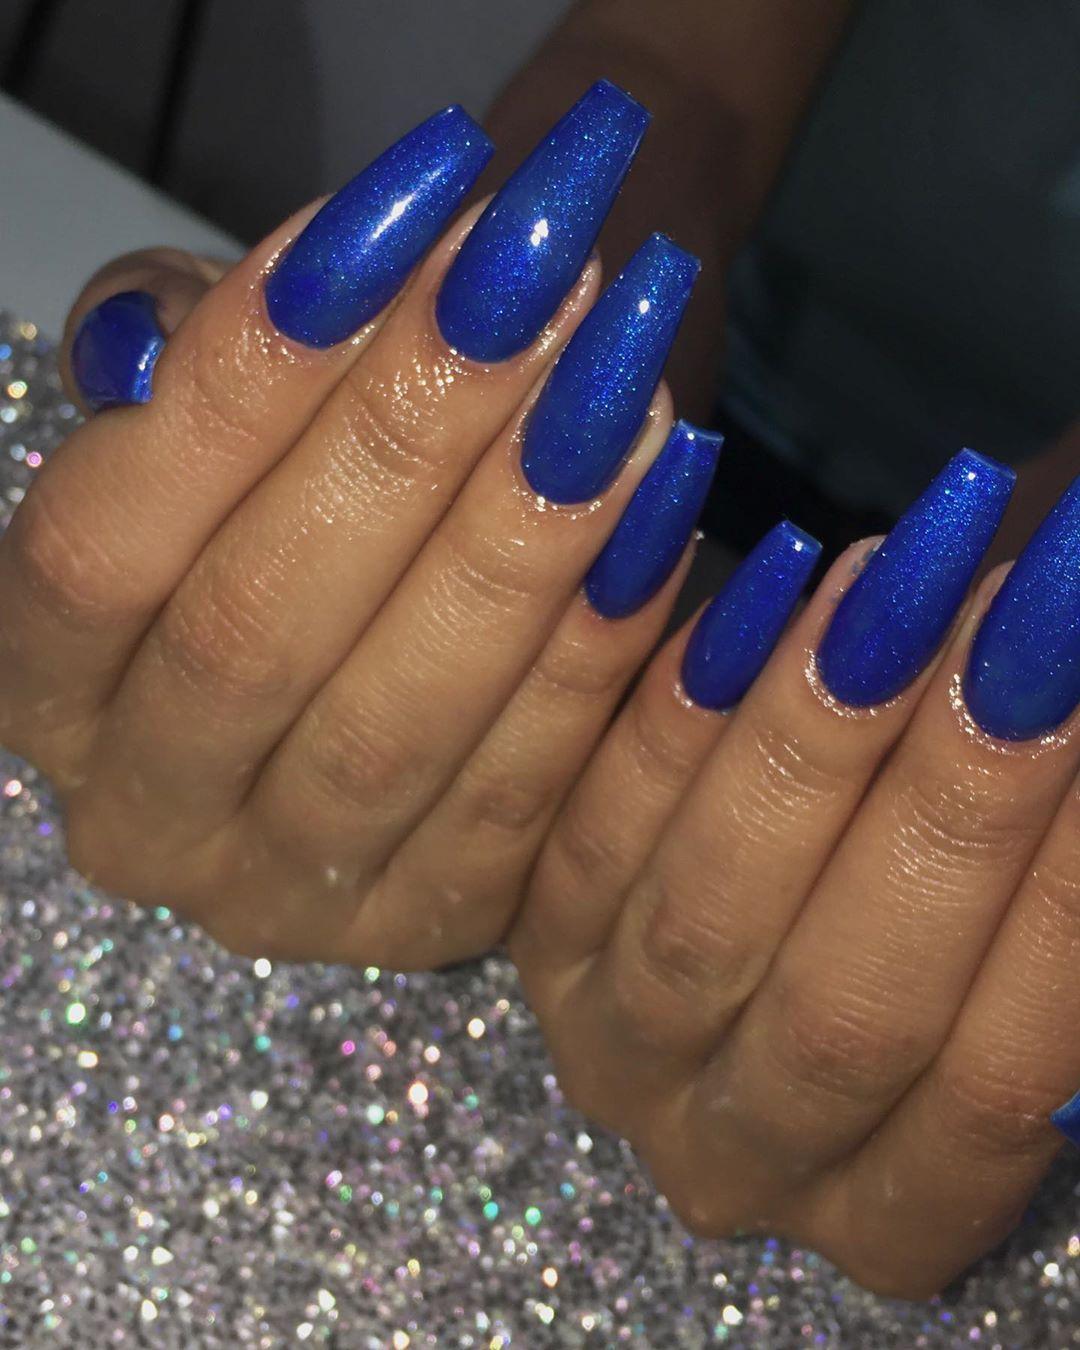 Diseño de uñas en azul clásico | ActitudFem